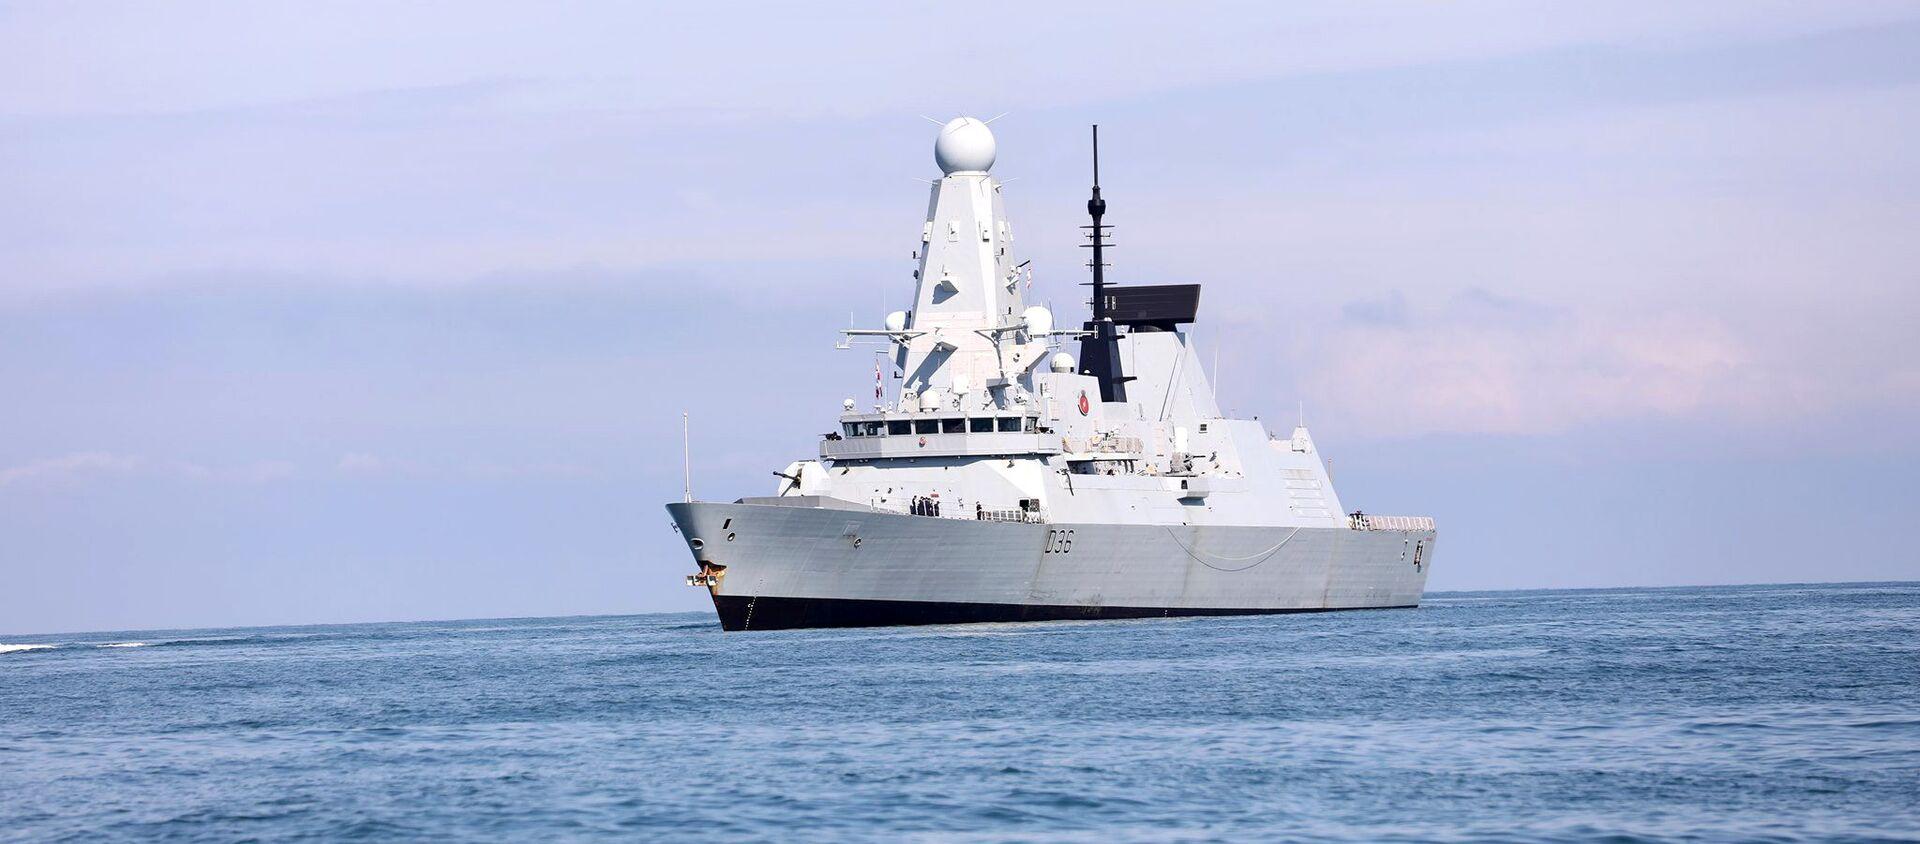 Tàu chiến HMS Defender của Hải quân Hoàng gia Anh tiếp cận cảng Biển Đen của Batumi, Georgia, ngày 26/6/2021 - Sputnik Việt Nam, 1920, 22.07.2021